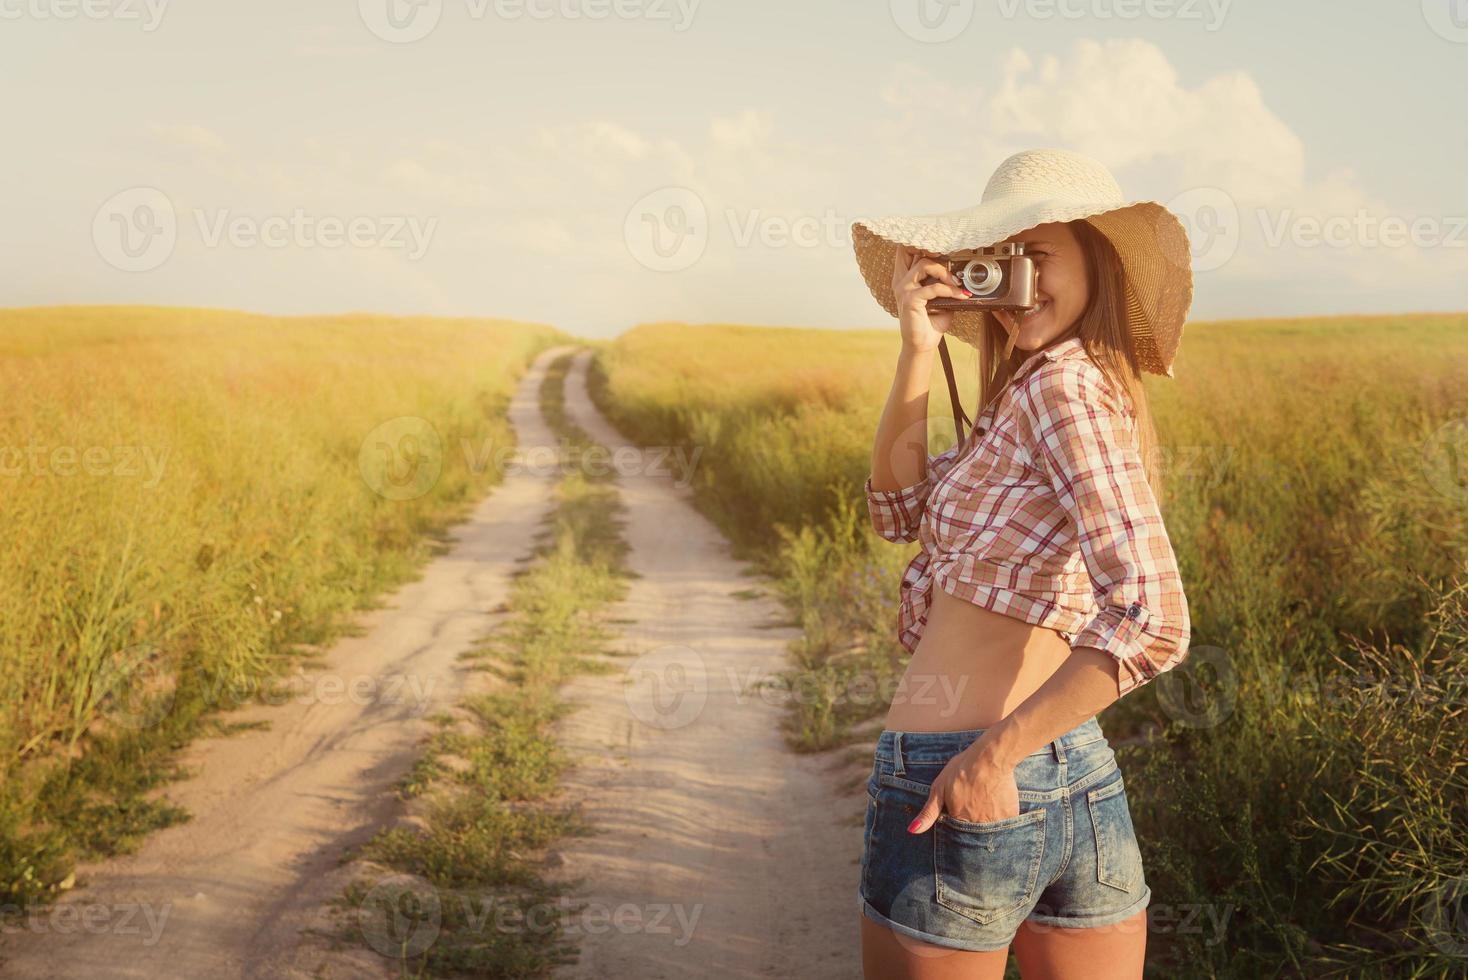 bella ragazza con fotocamera retrò su strada di campagna, instagra foto